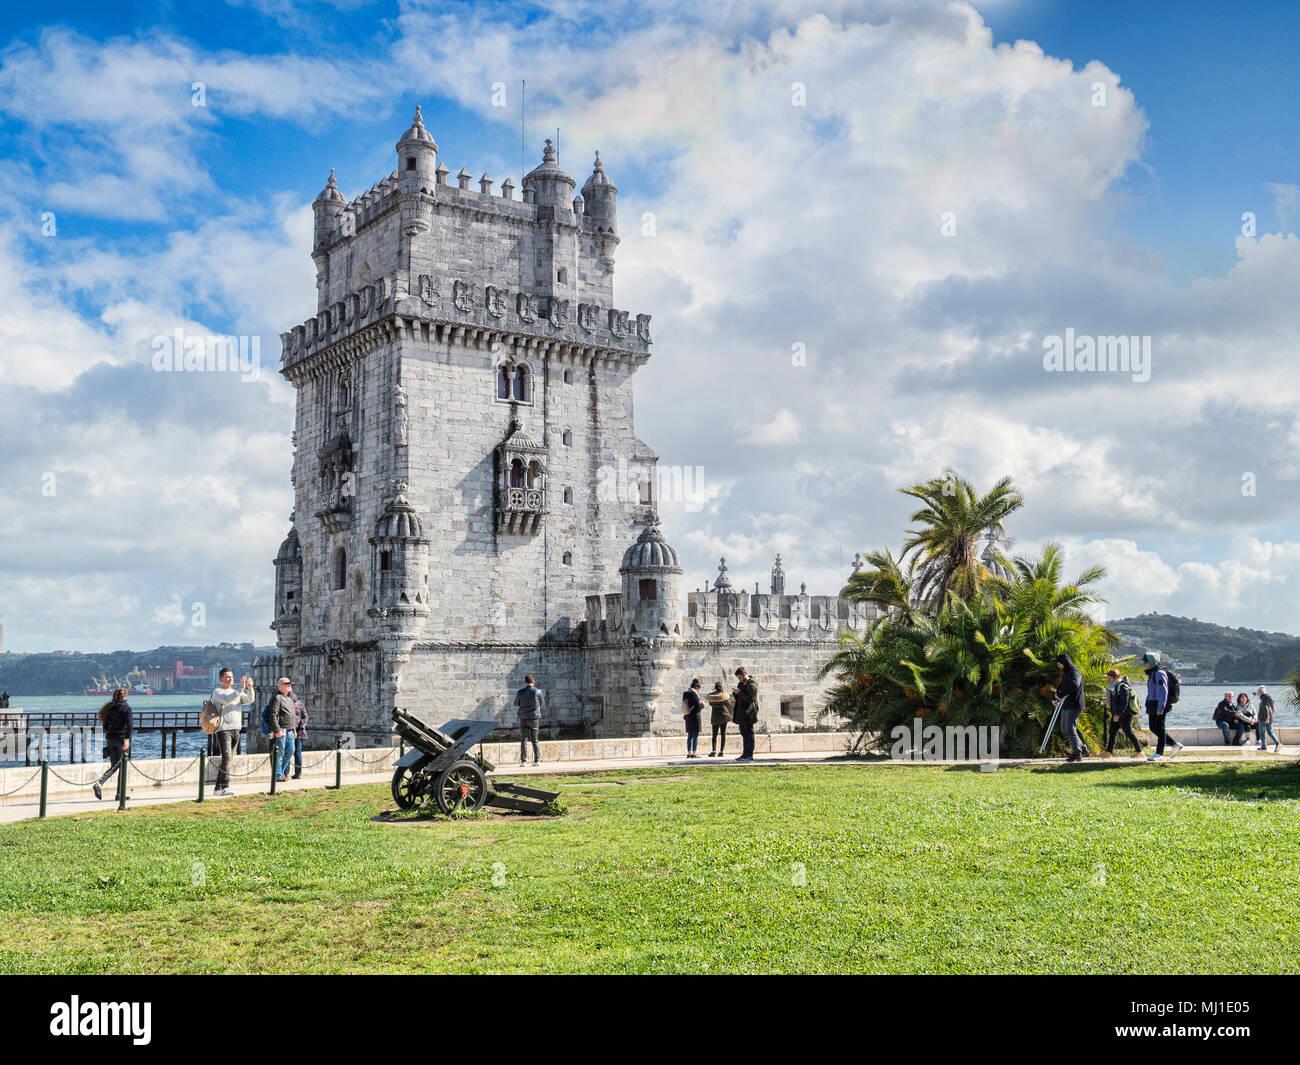 Vom 5. März 2018: Lissabon Portugal - Die Belem Turm, Wahrzeichen und UNESCO-Weltkulturerbe. Stockbild